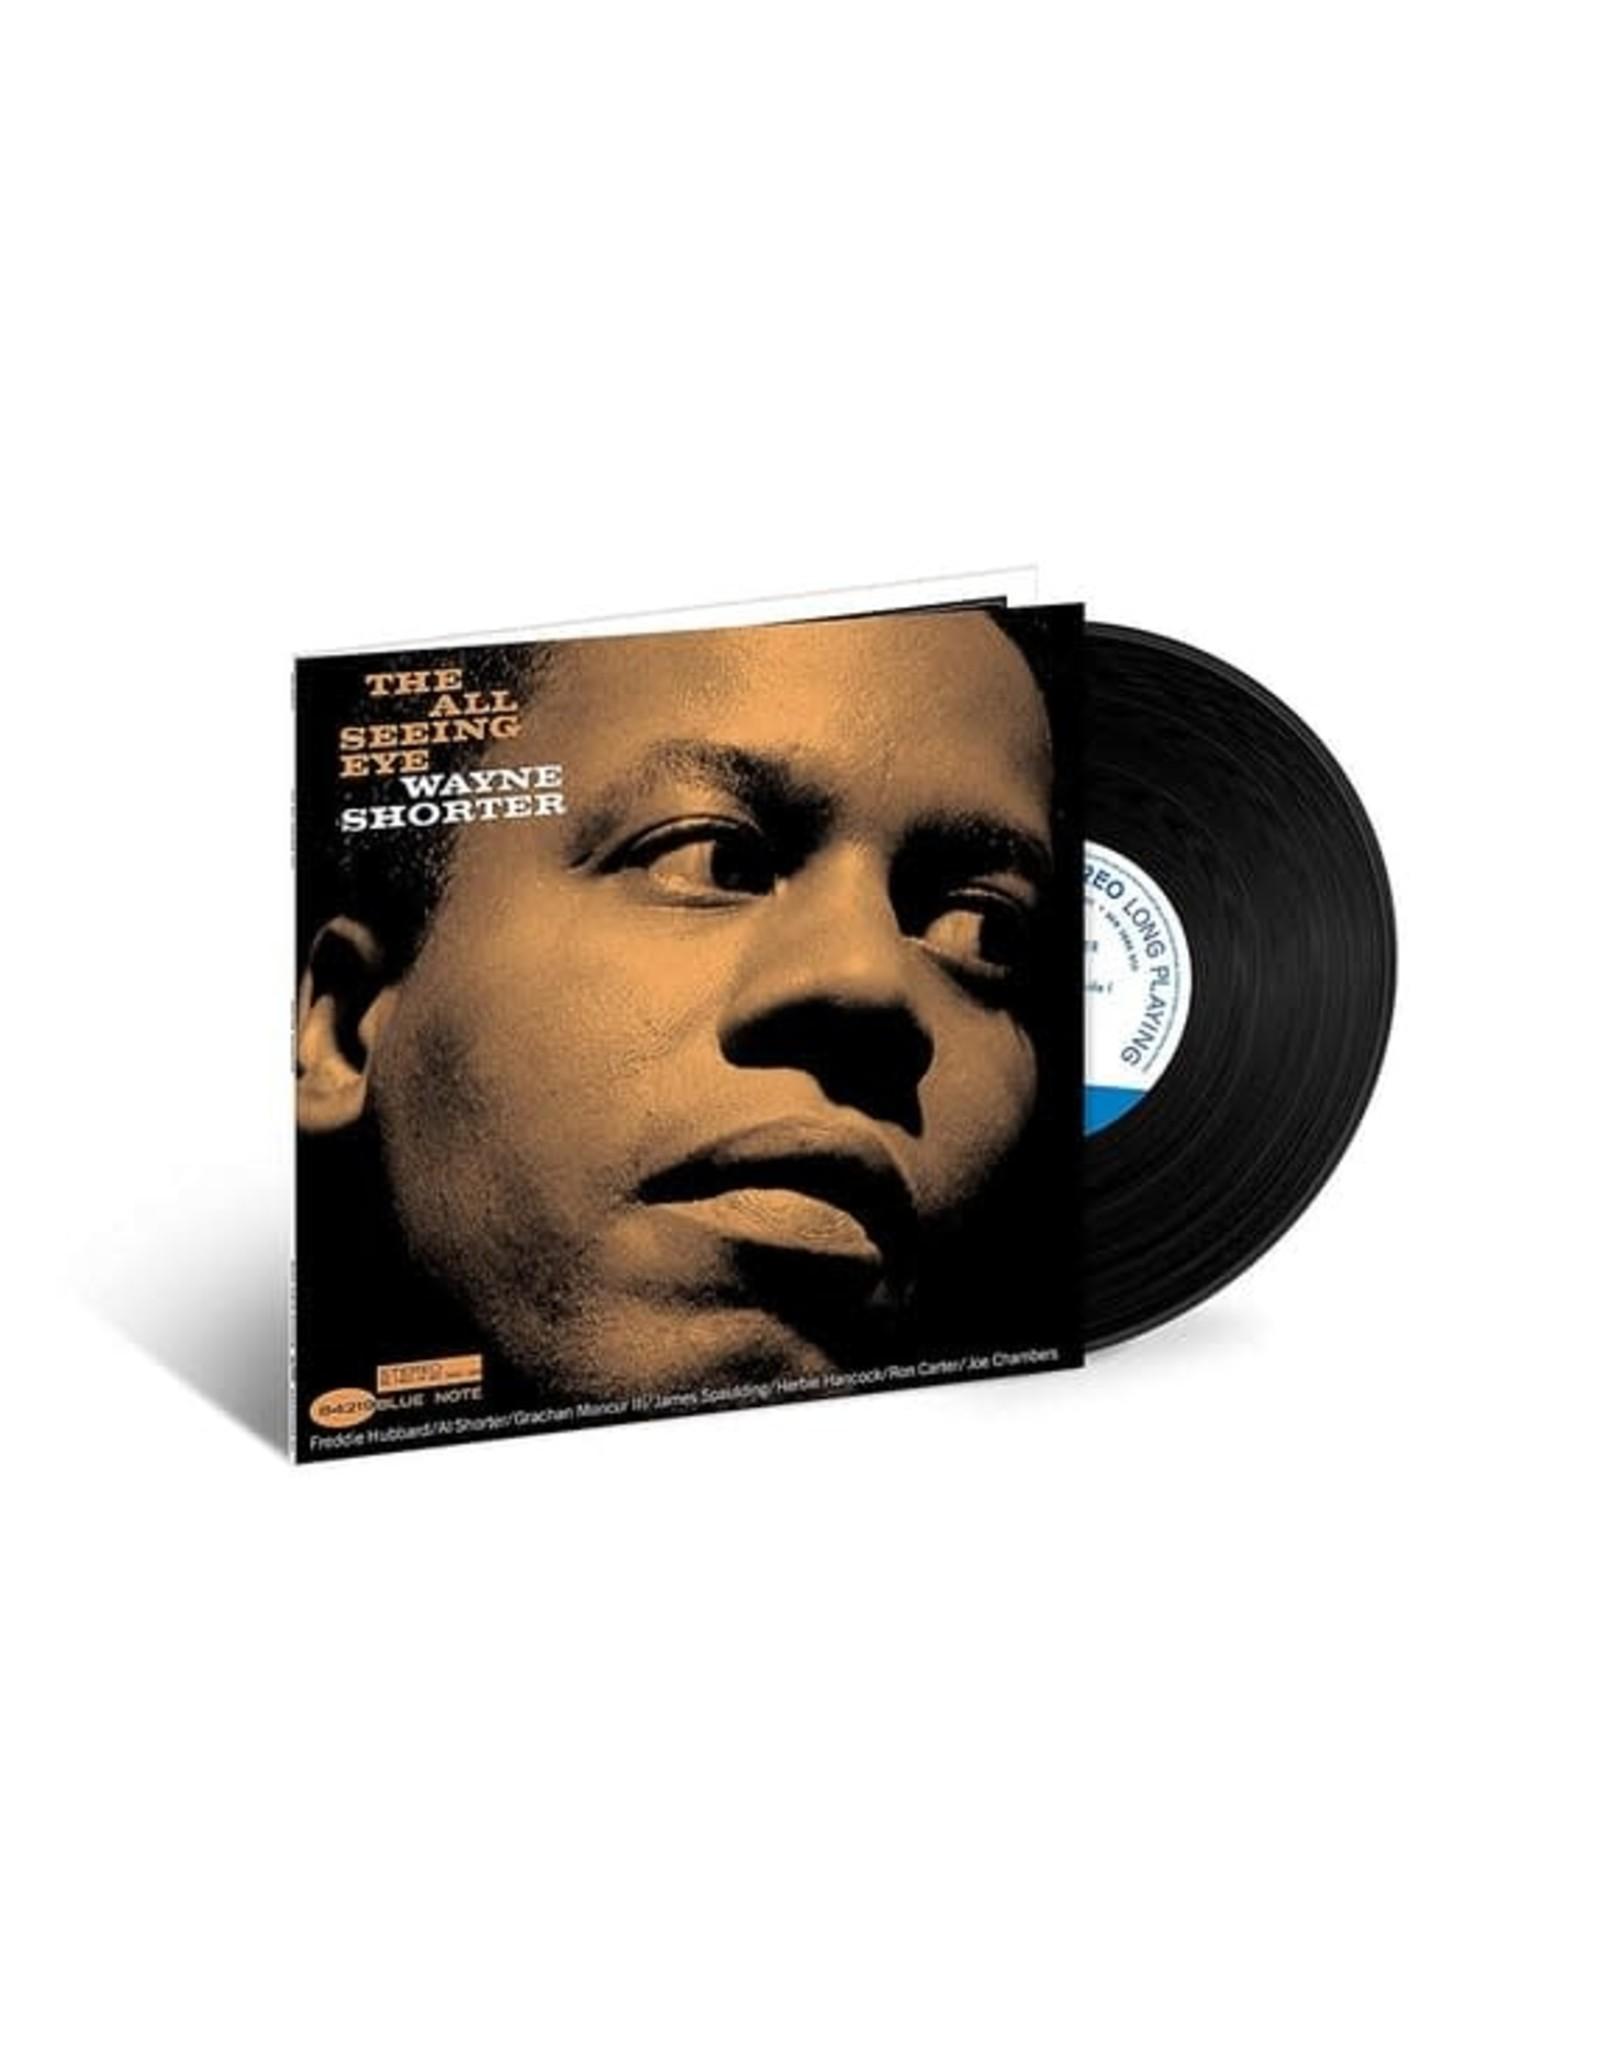 Blue Note Shorter, Wayne: The All Seeing Eye (Tone Poet Series) LP